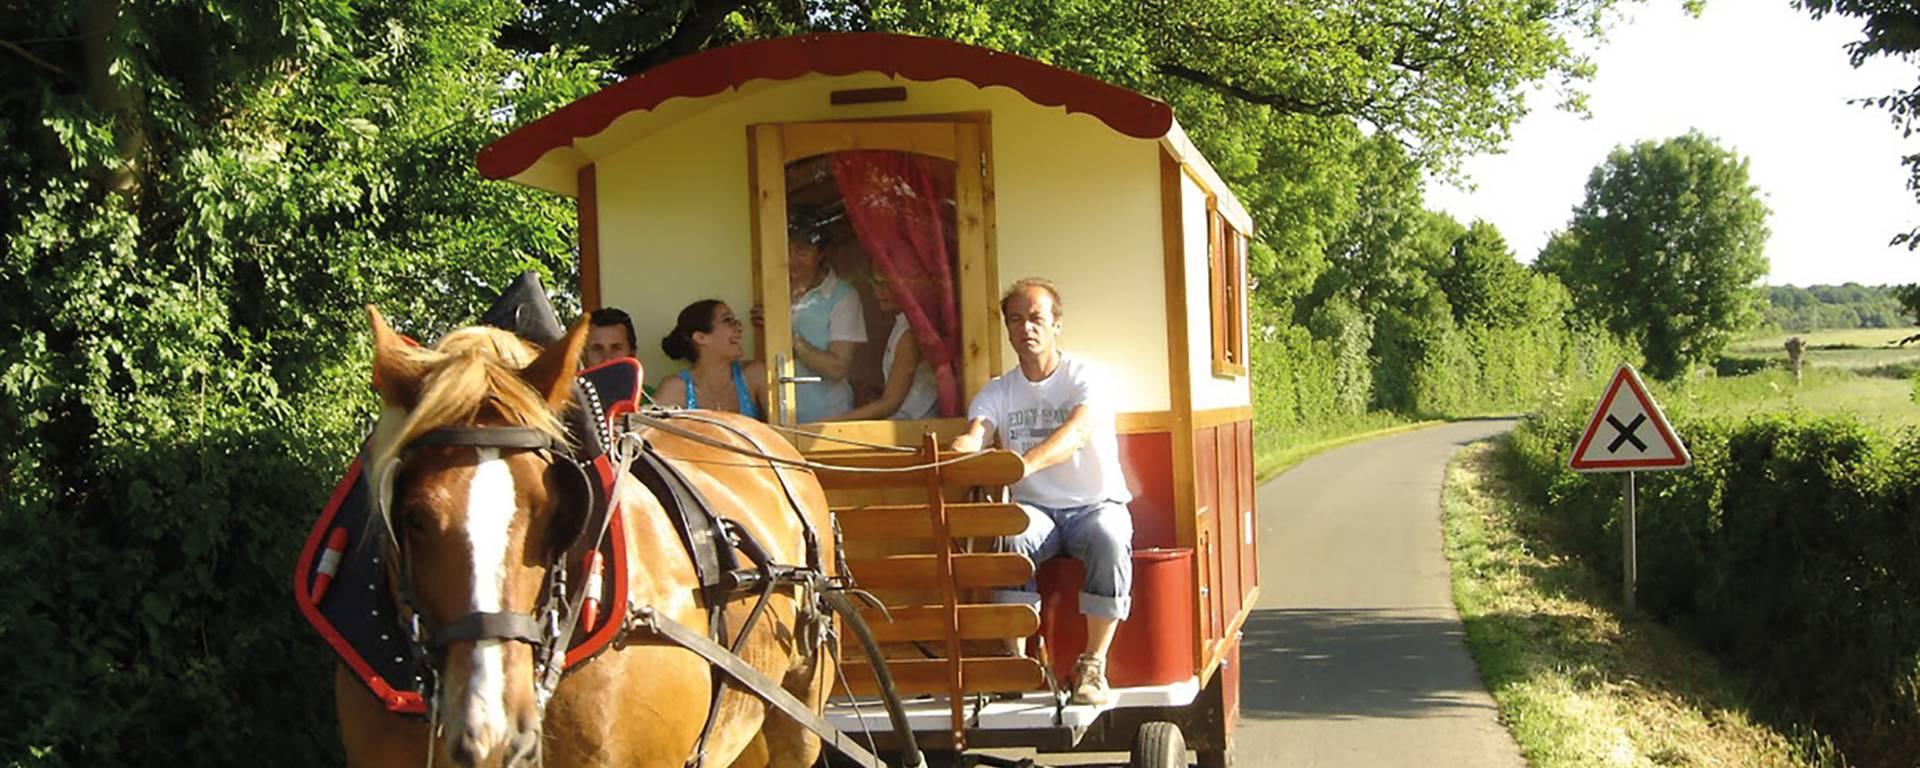 Une balade en roulotte ou en calèche pendant les vacances ?